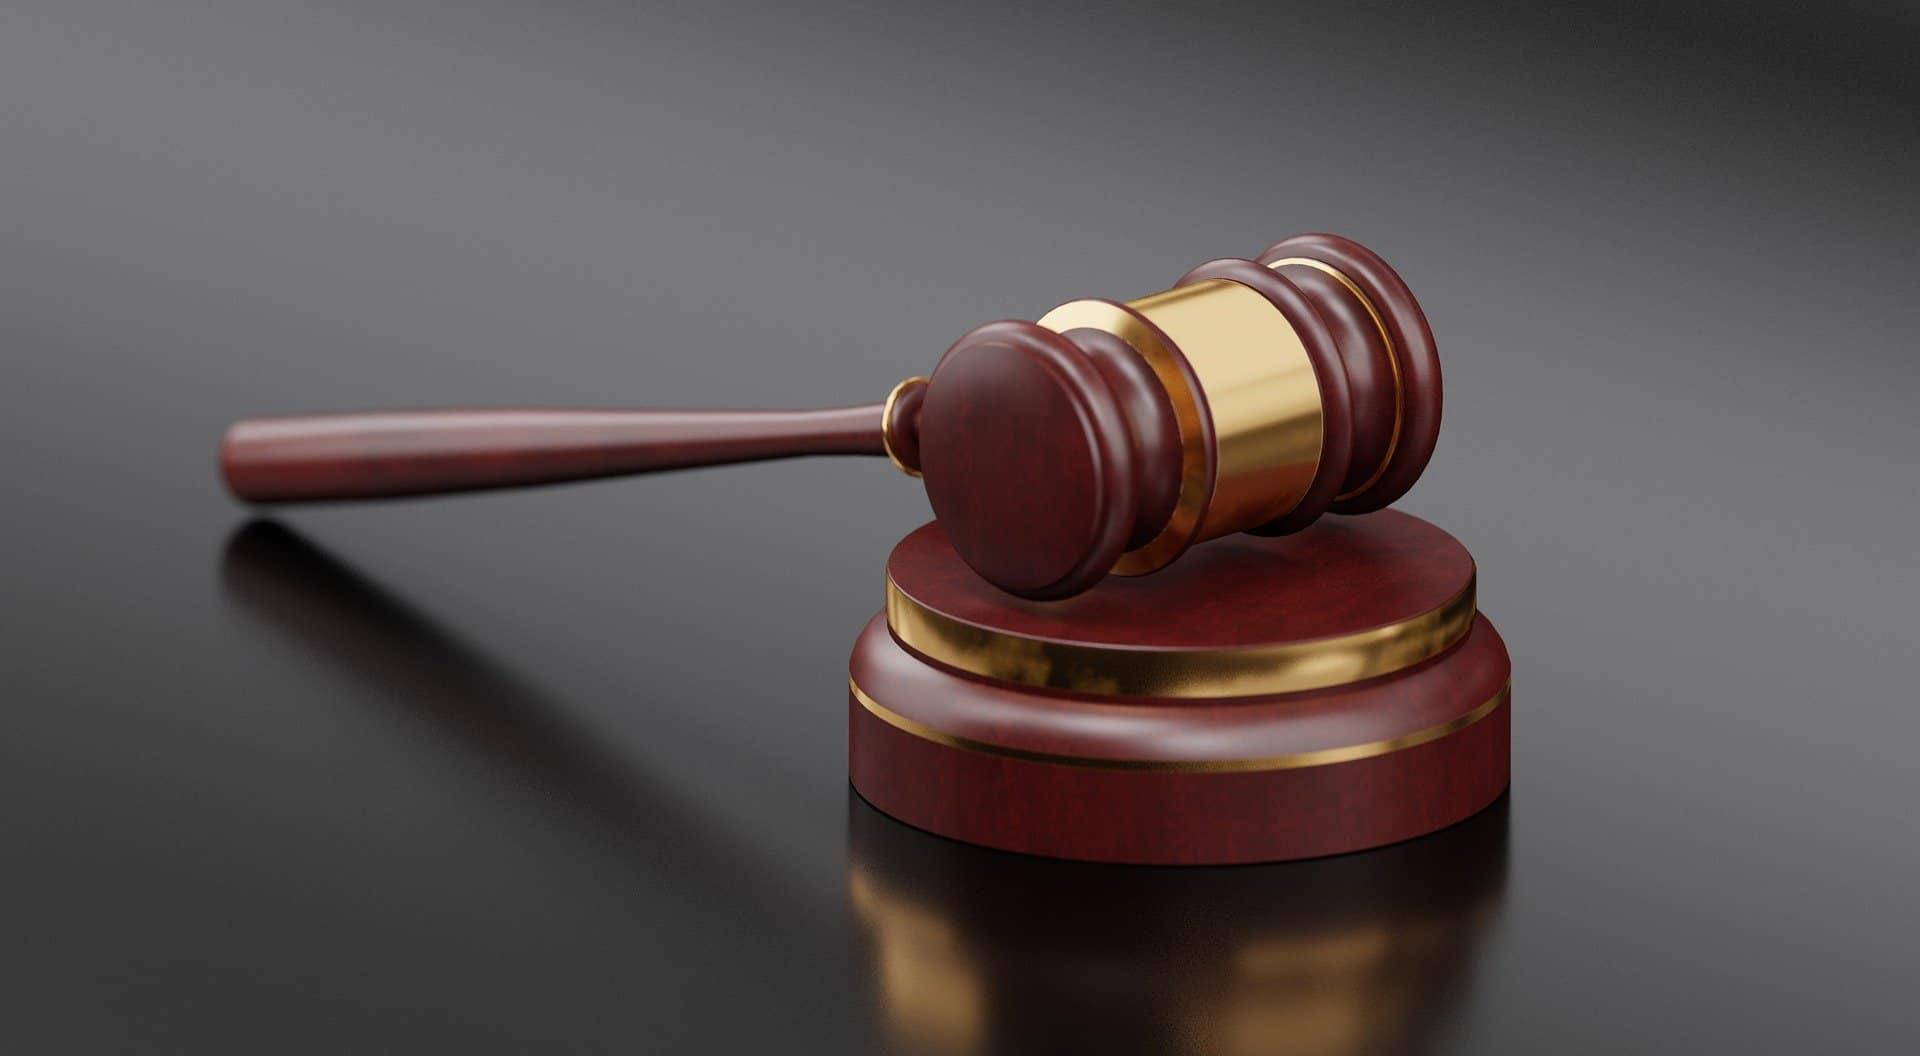 Zivilrecht: Dieselskandal – erste Urteile in Sachen Mercedes-Benz